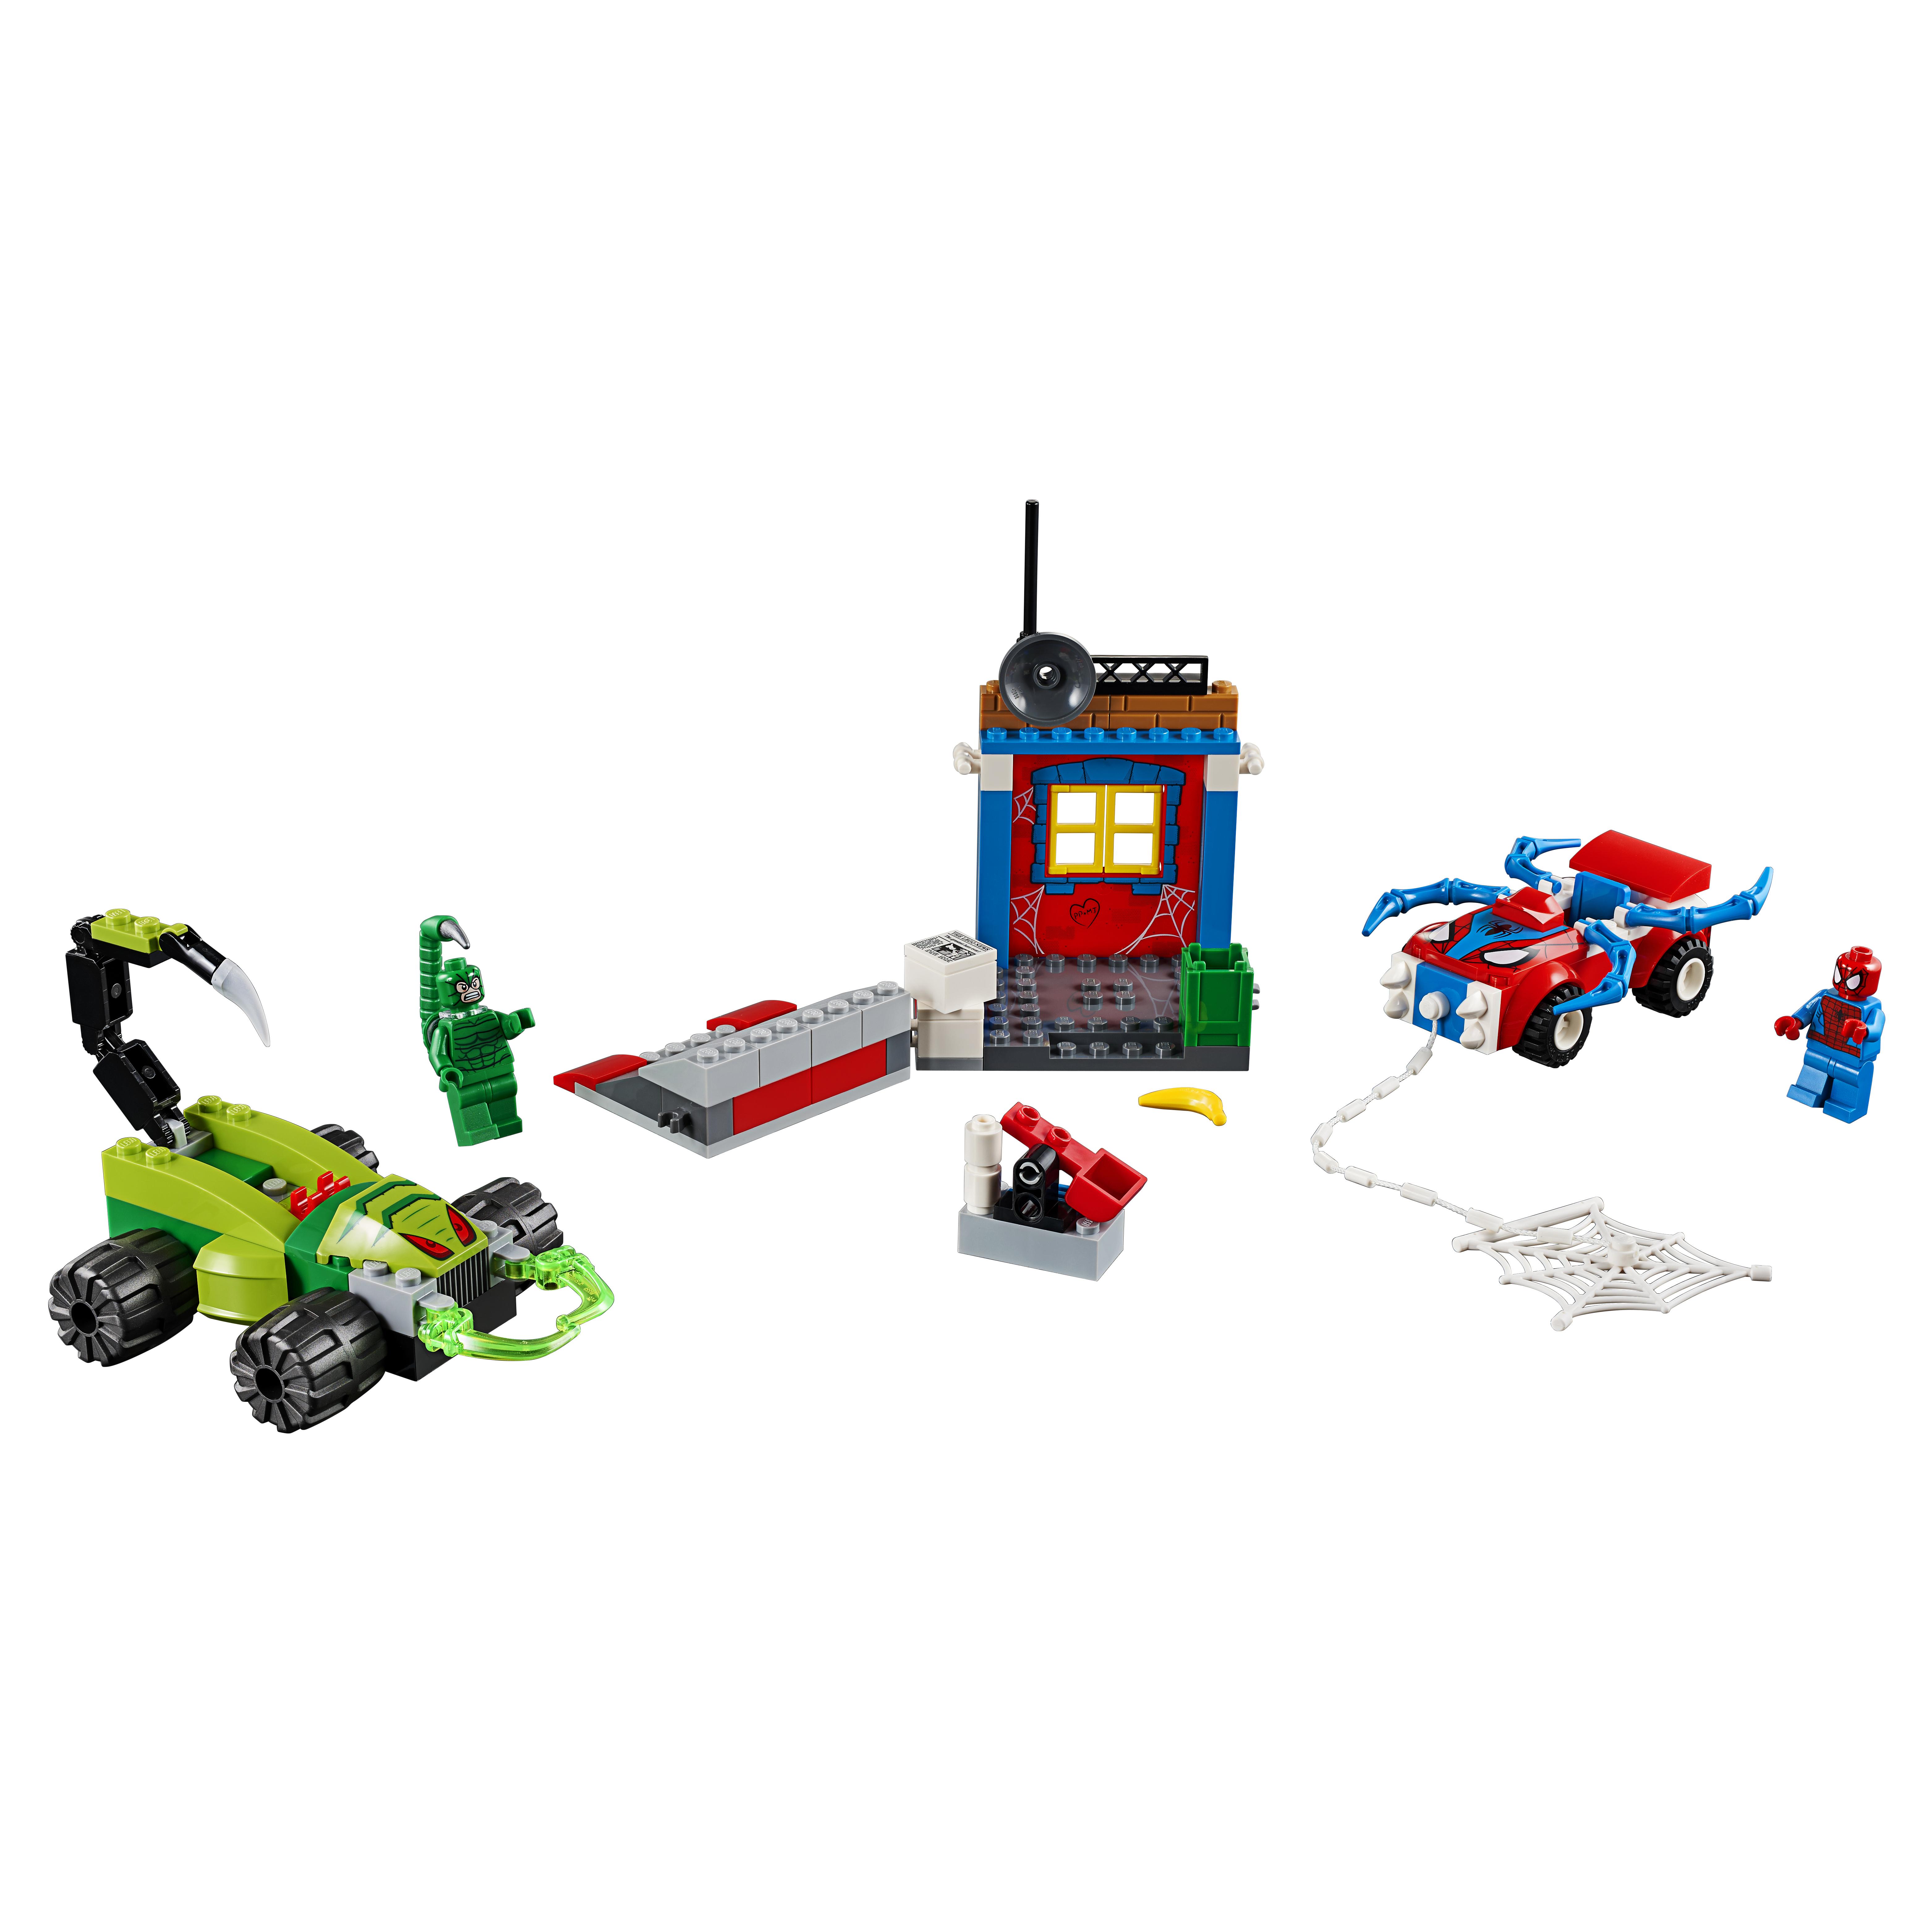 Купить Конструктор lego juniors решающий бой человека-паука против скорпиона (10754), Конструктор LEGO Juniors Решающий бой Человека-паука против Скорпиона (10754), LEGO для мальчиков